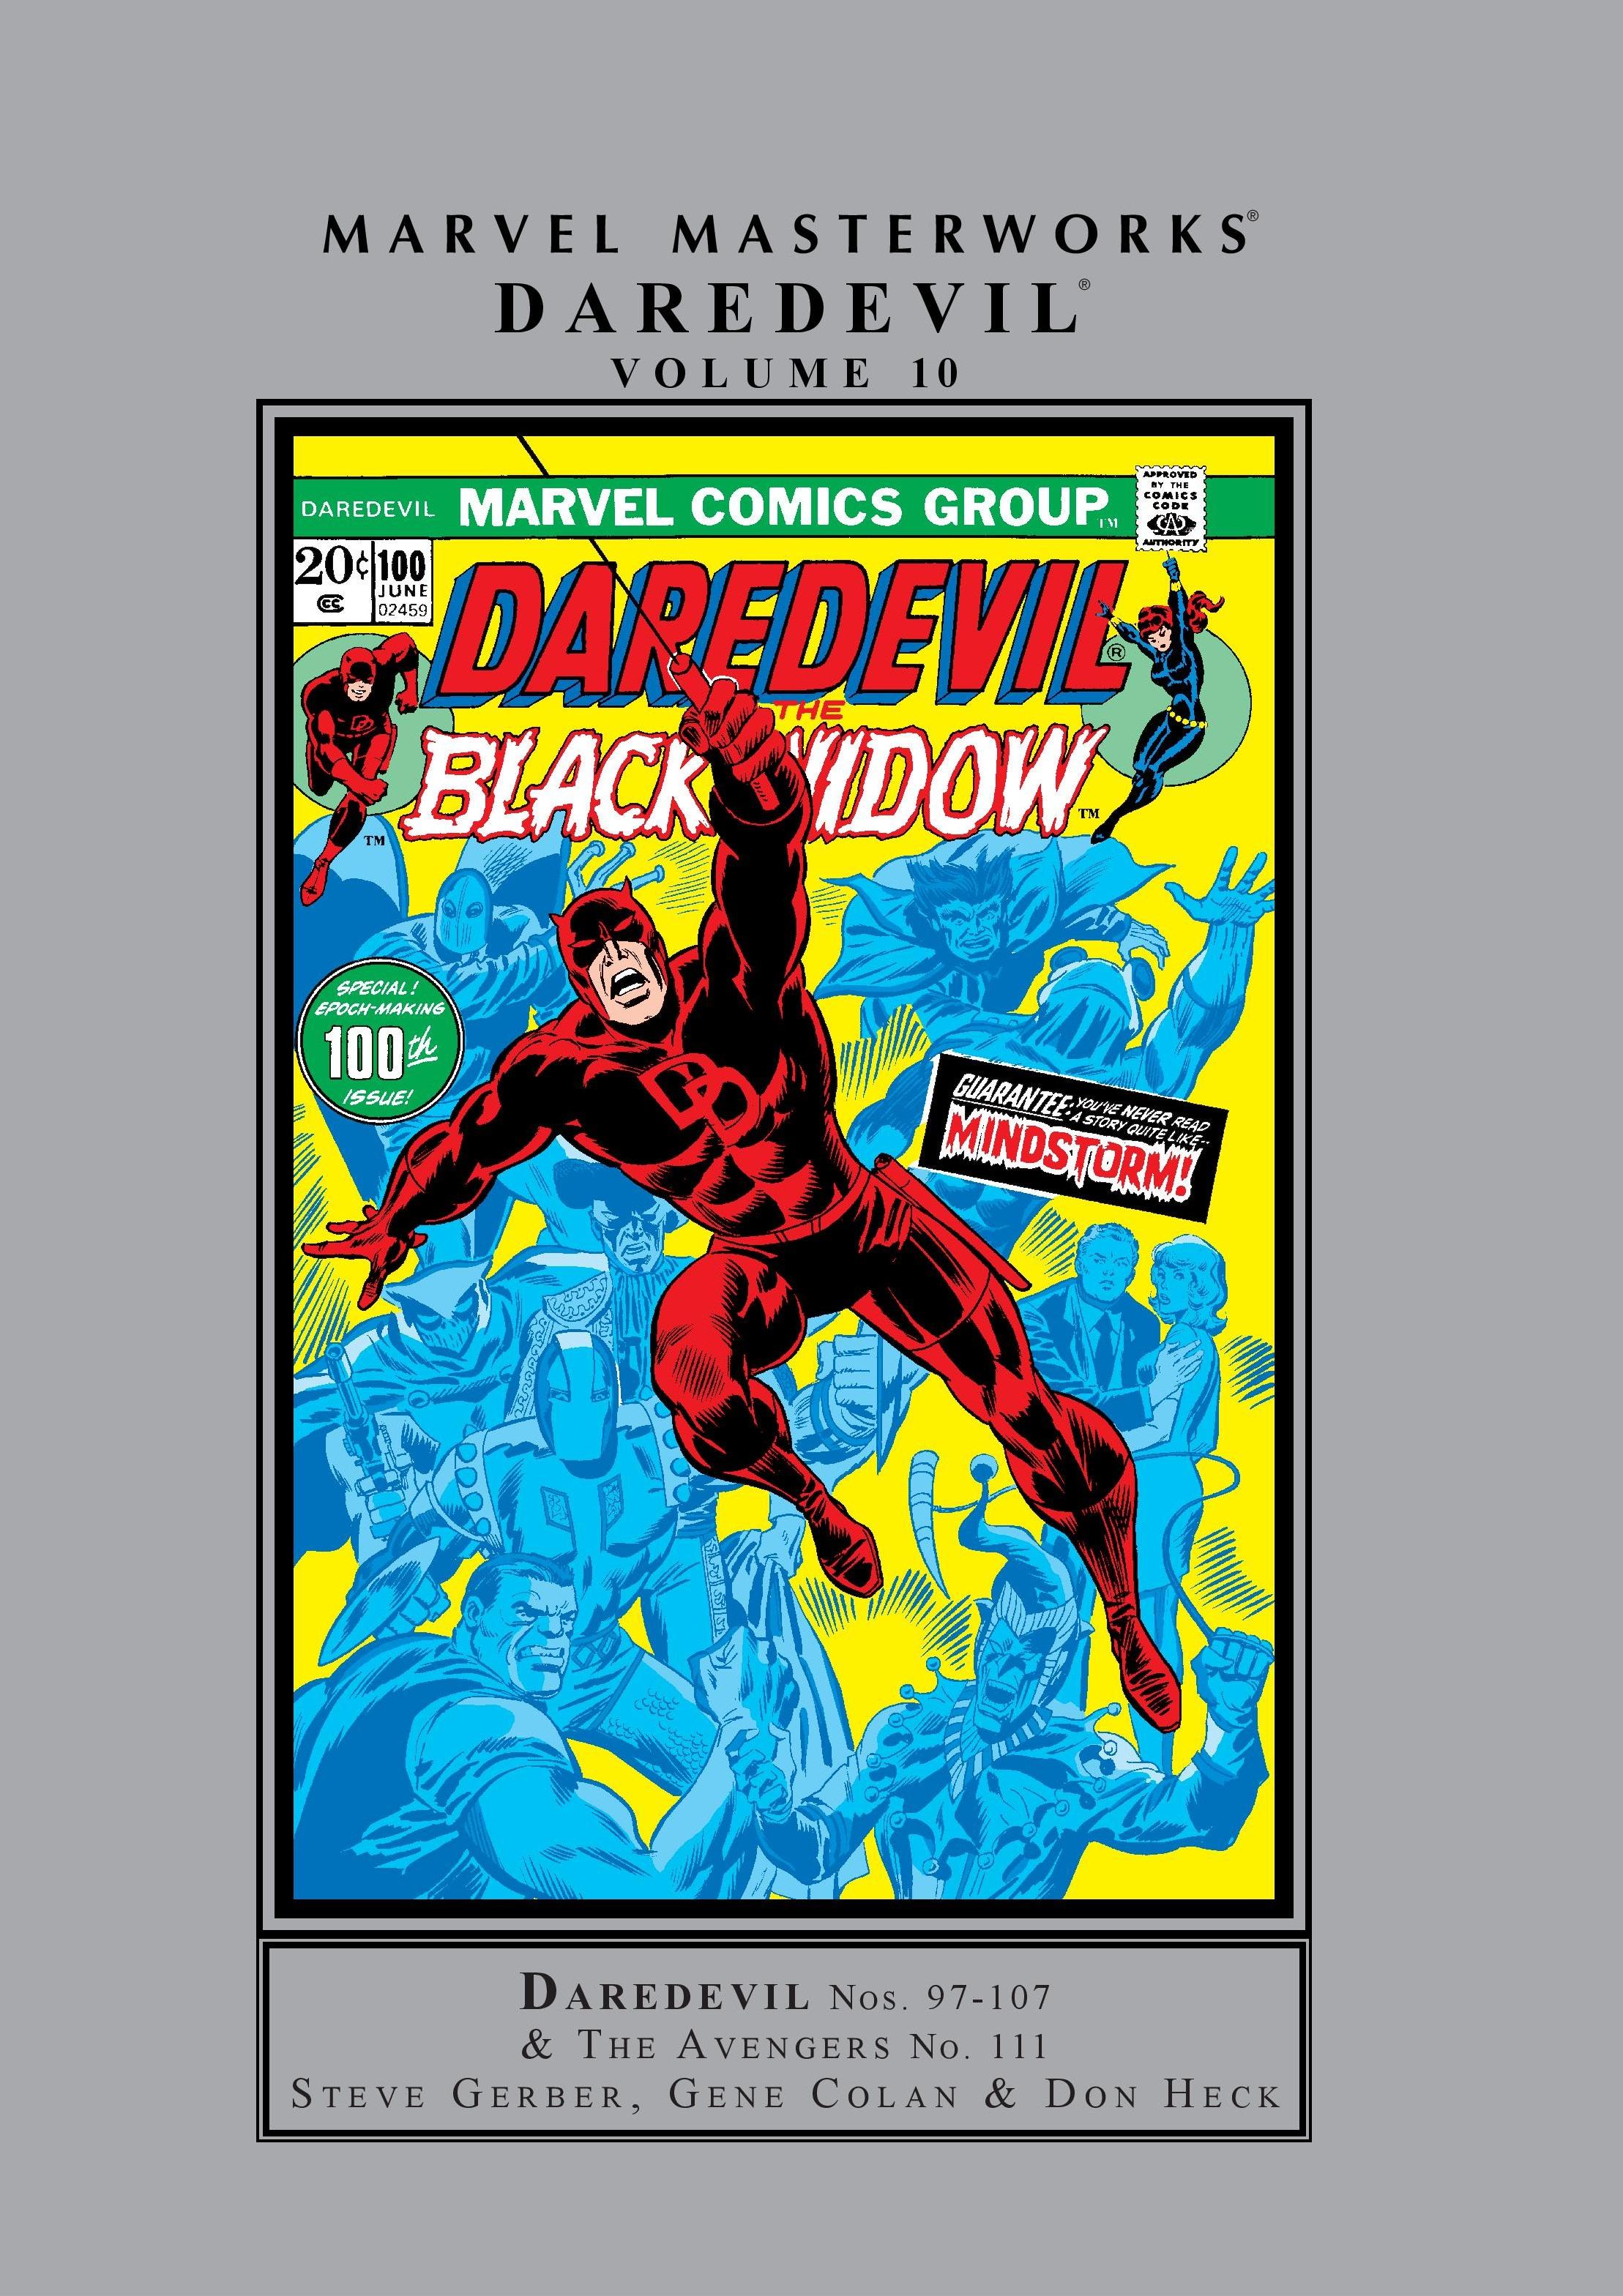 Marvel Masterworks: Daredevil Vol. 10 (Hardcover)